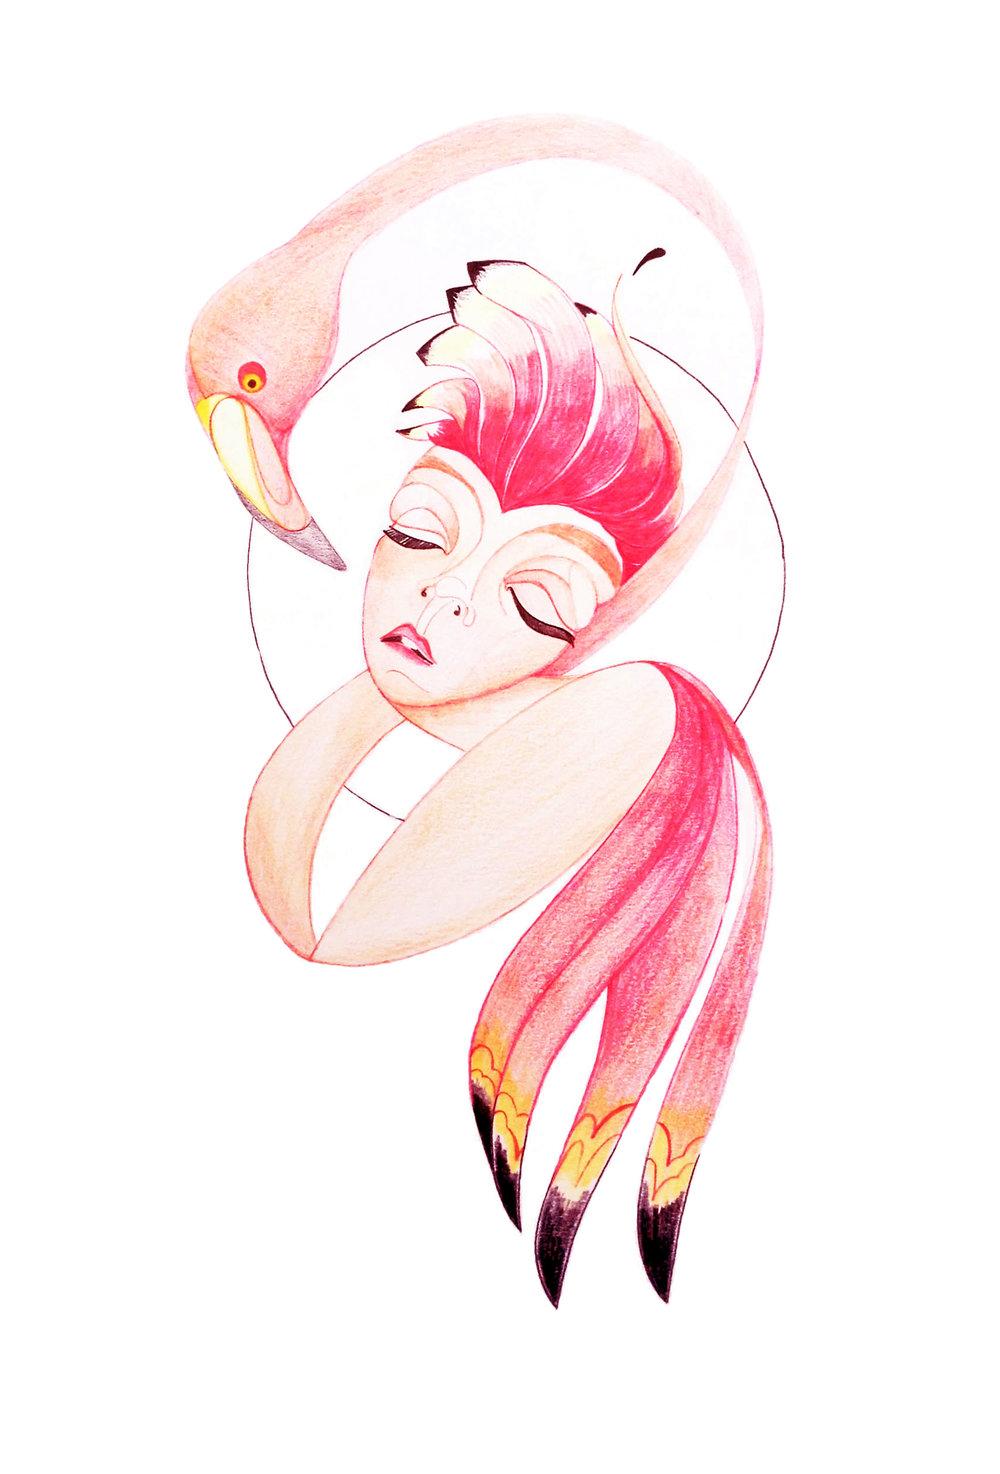 Queen with flamingo